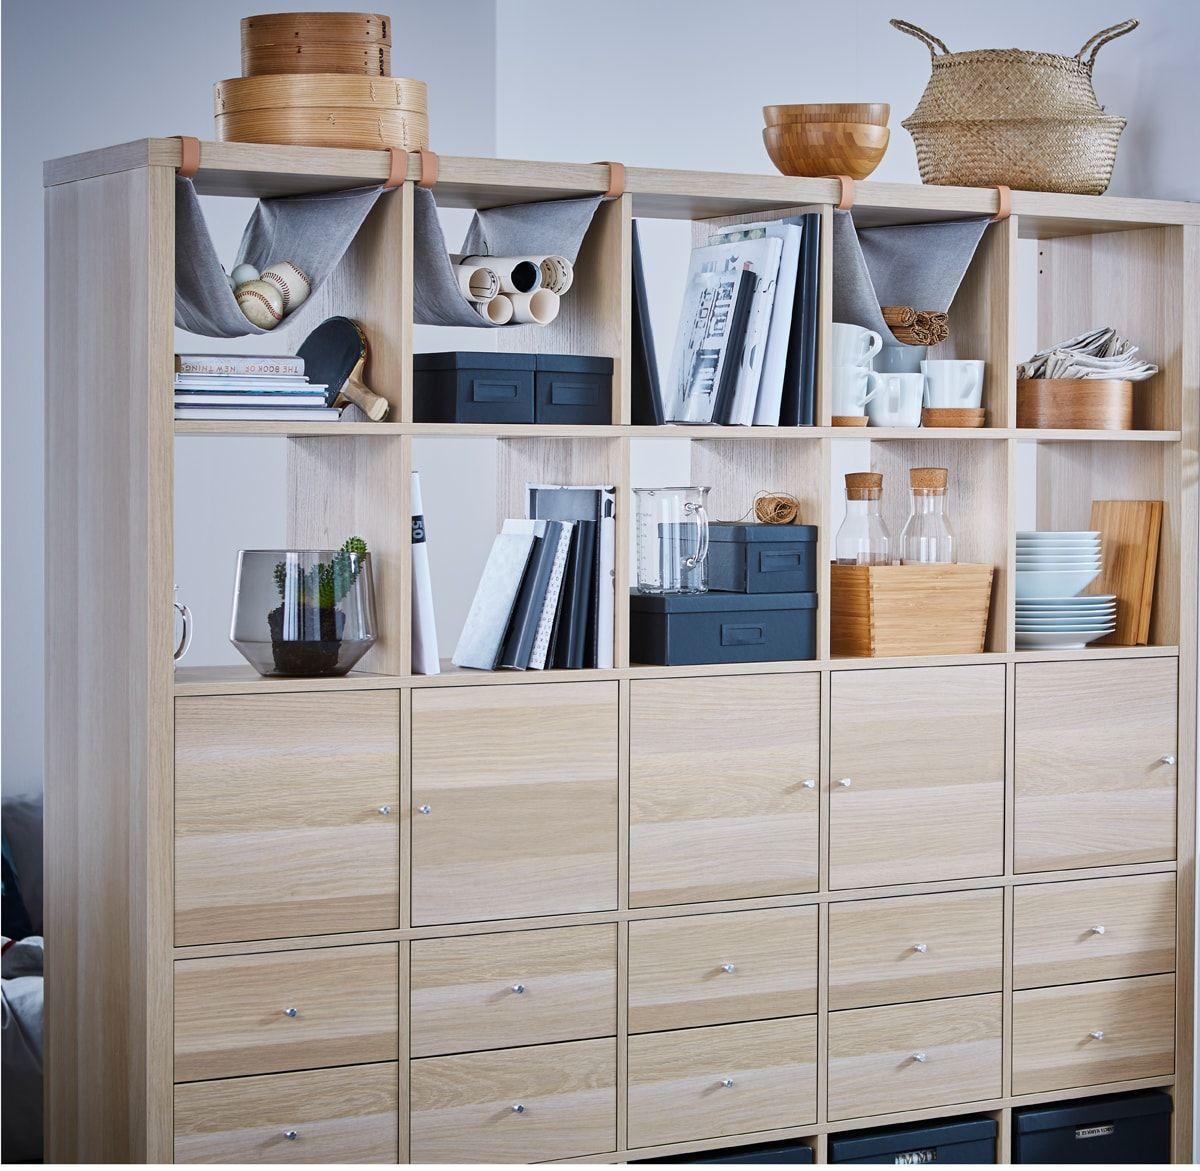 Full Size of Unser Ikea Kallaregal Mit 10 Einstzen Eicheneffekt Wei Lasiert Küche Kaufen Regal Raumteiler Betten 160x200 Sofa Schlaffunktion Modulküche Kosten Miniküche Wohnzimmer Raumteiler Ikea